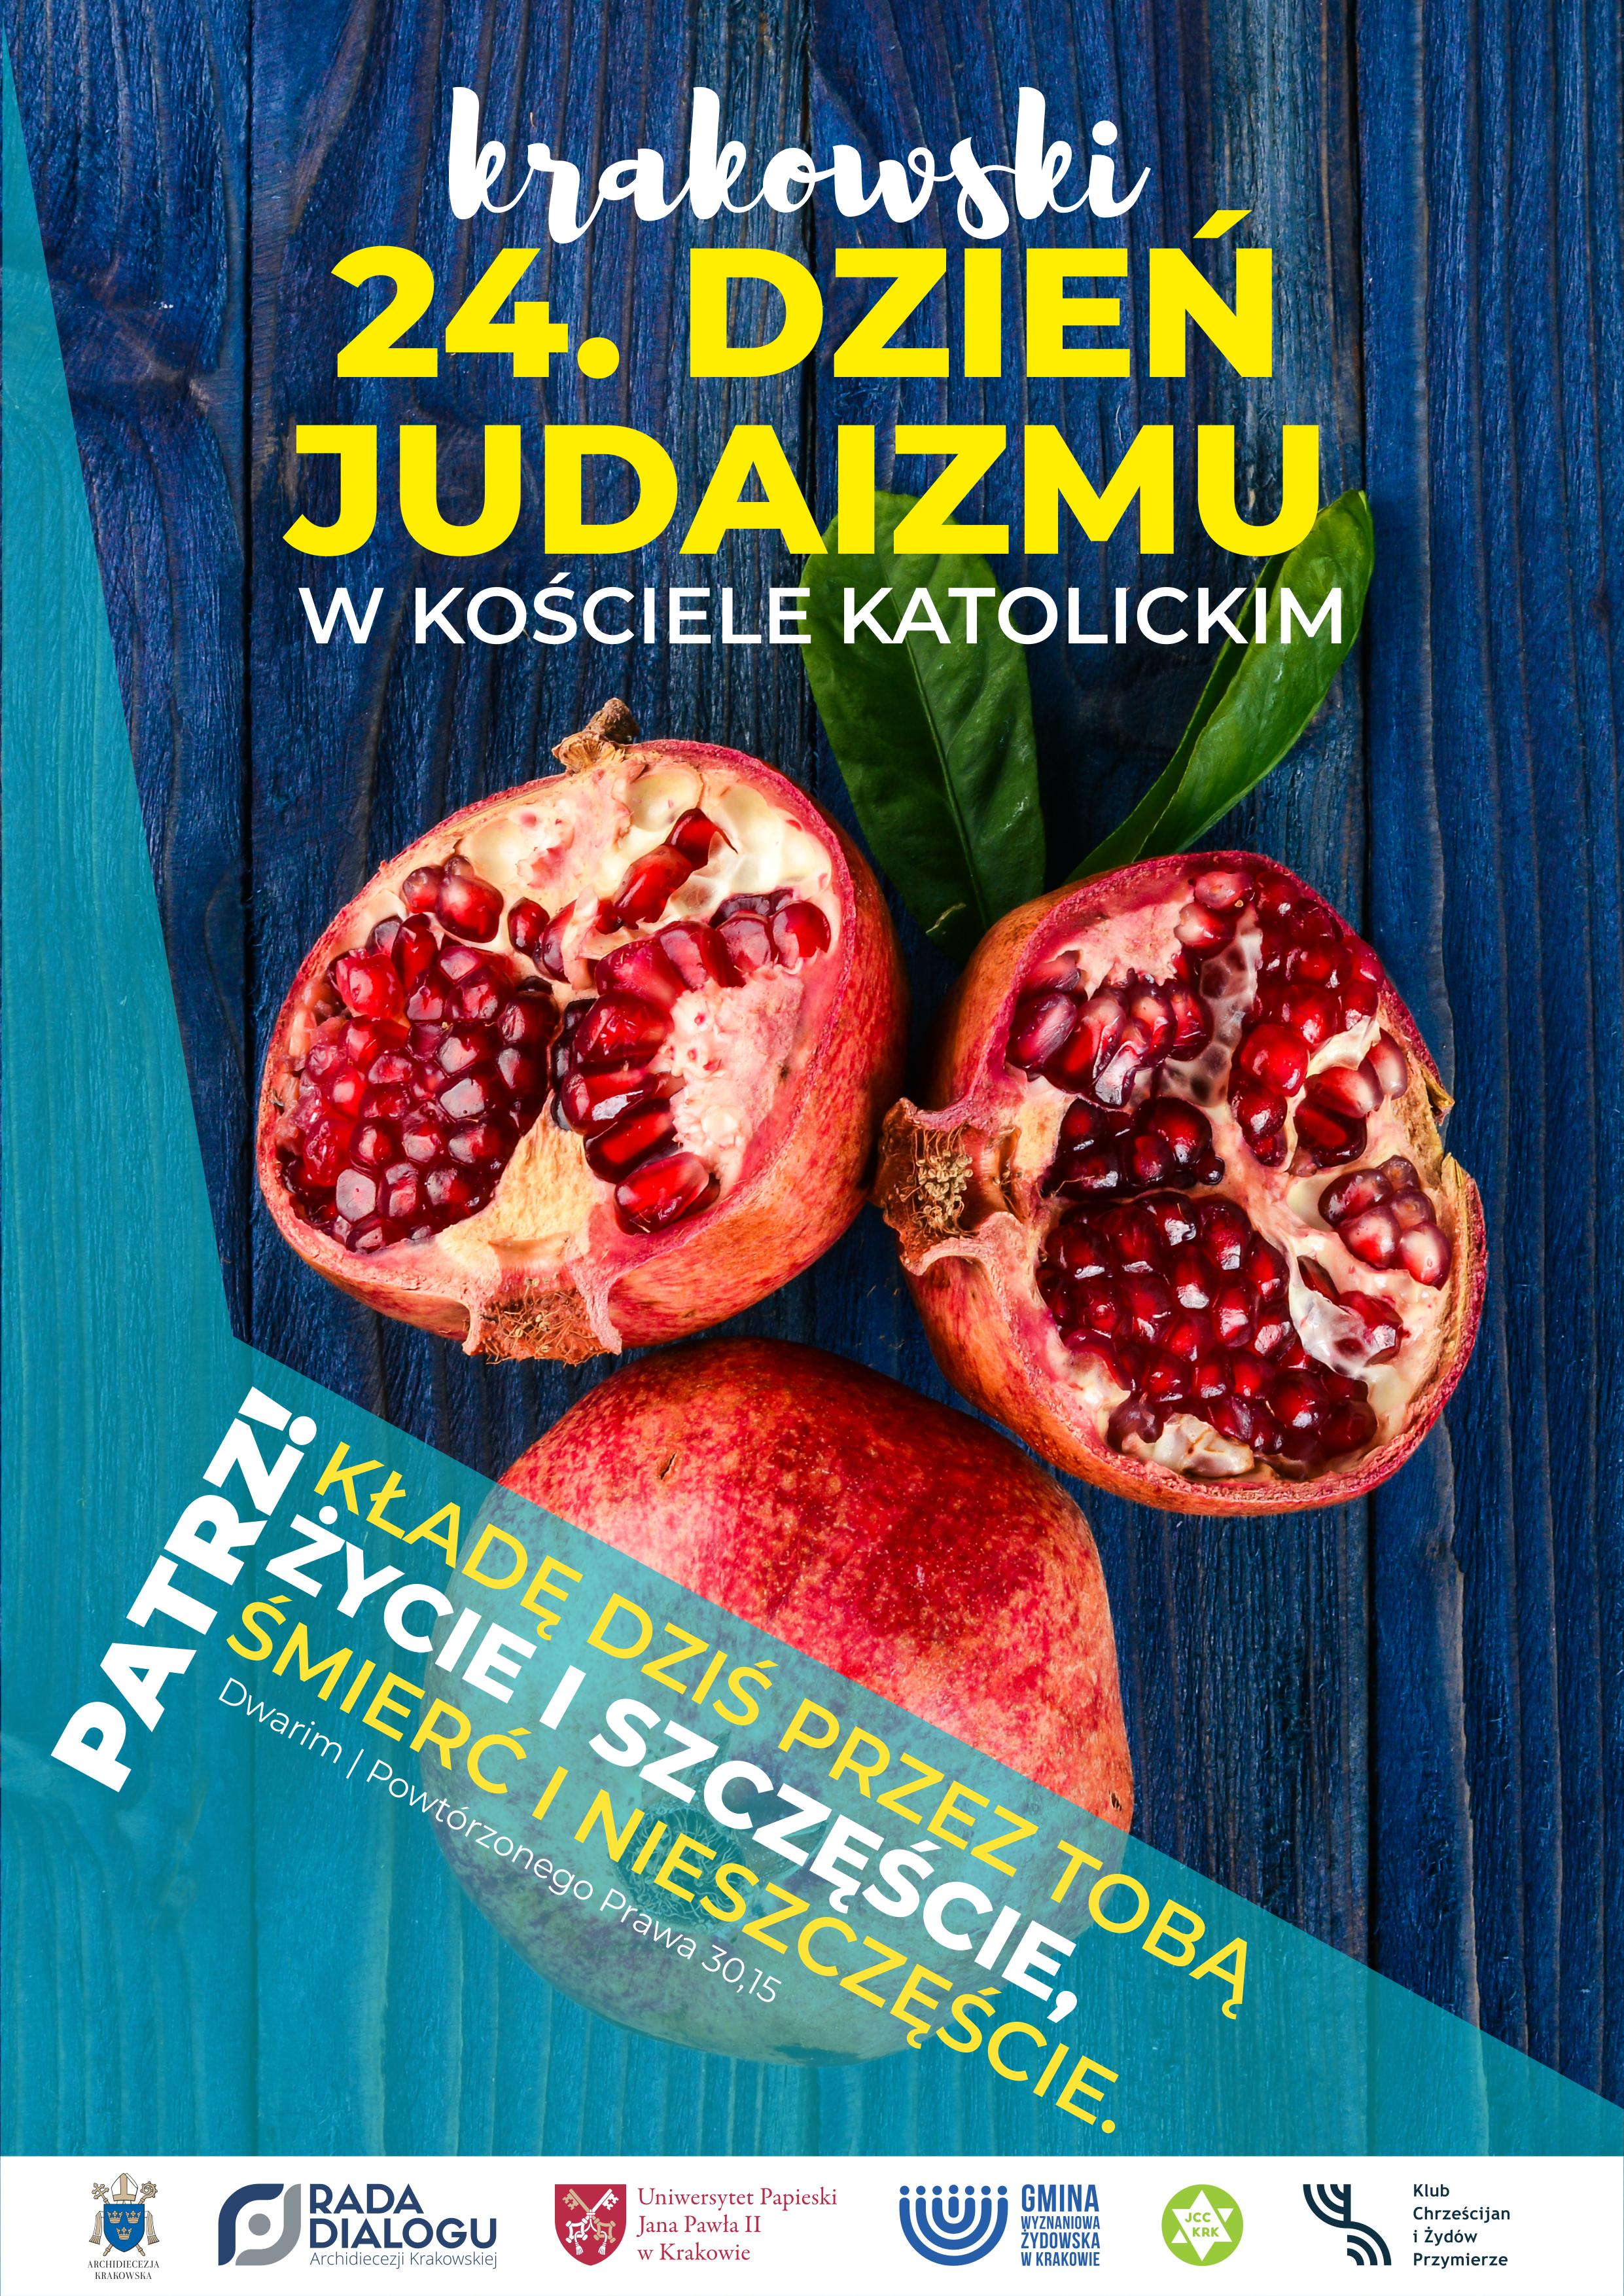 Krakowski 24. Dzień Judaizmu w Kościele Katolickim